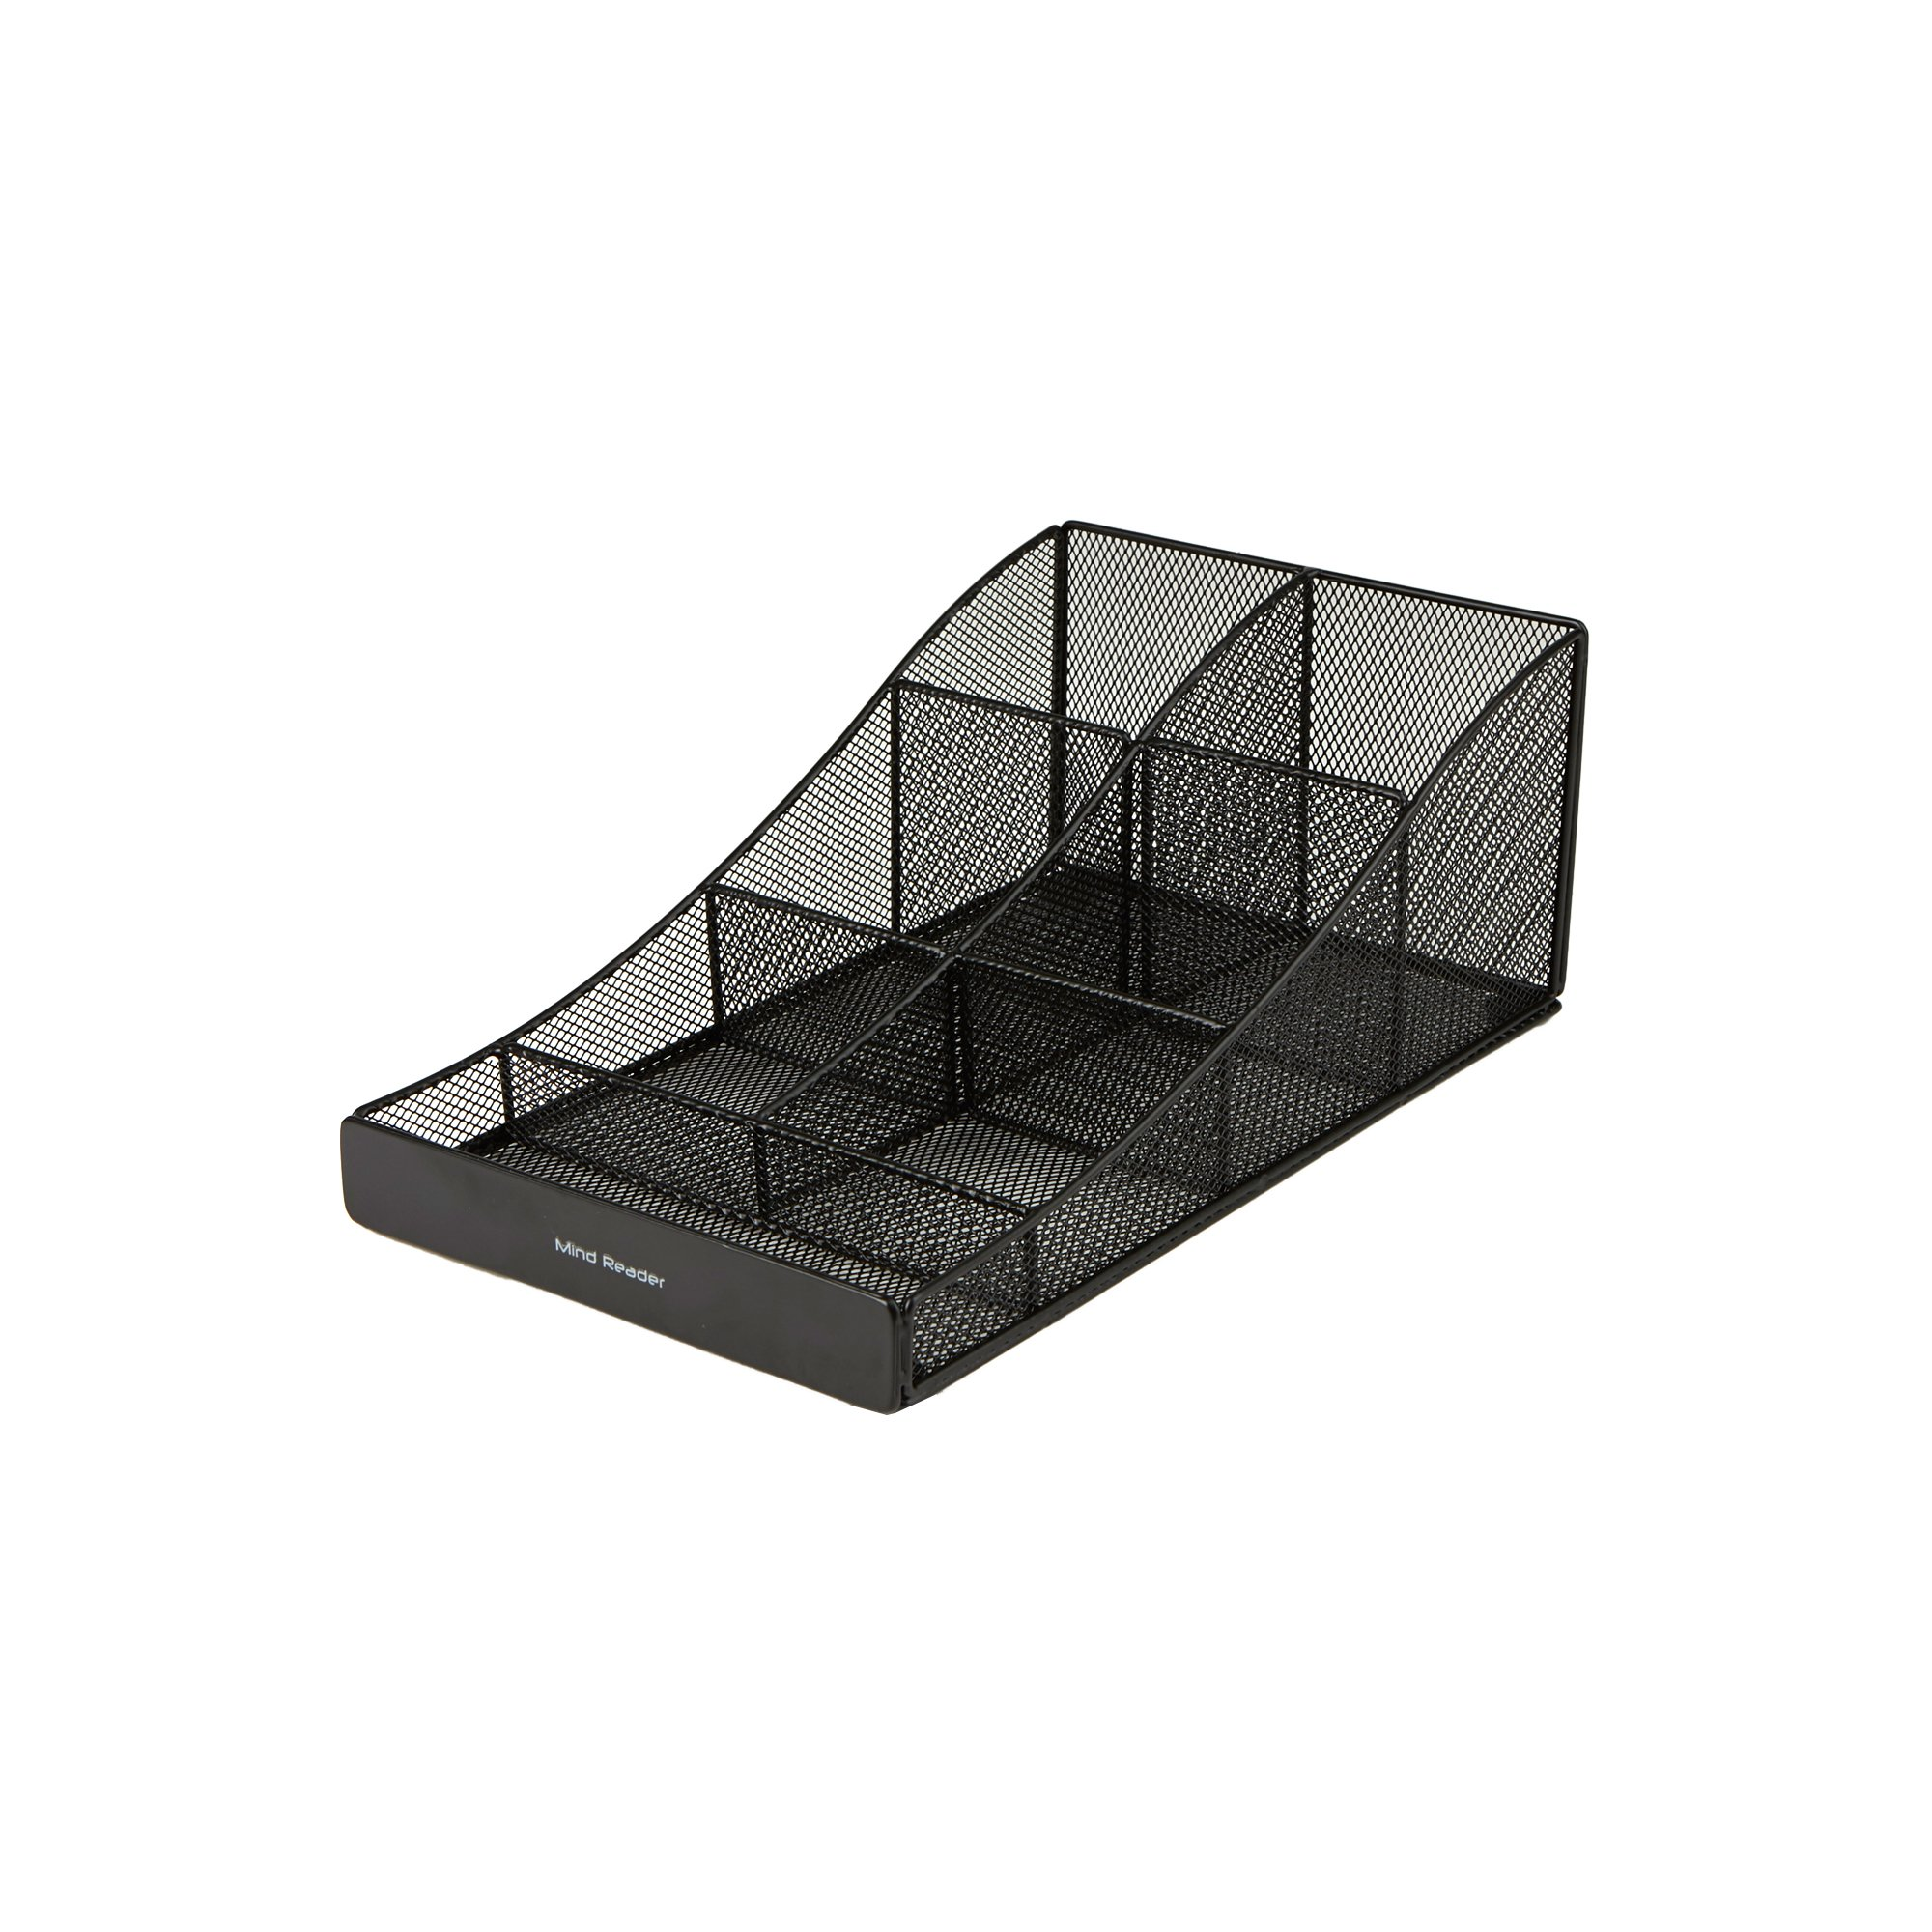 Mind Reader COMP7MESH-BLK Condiment Organizer Storage, Black Metal Mesh by Mind Reader (Image #2)